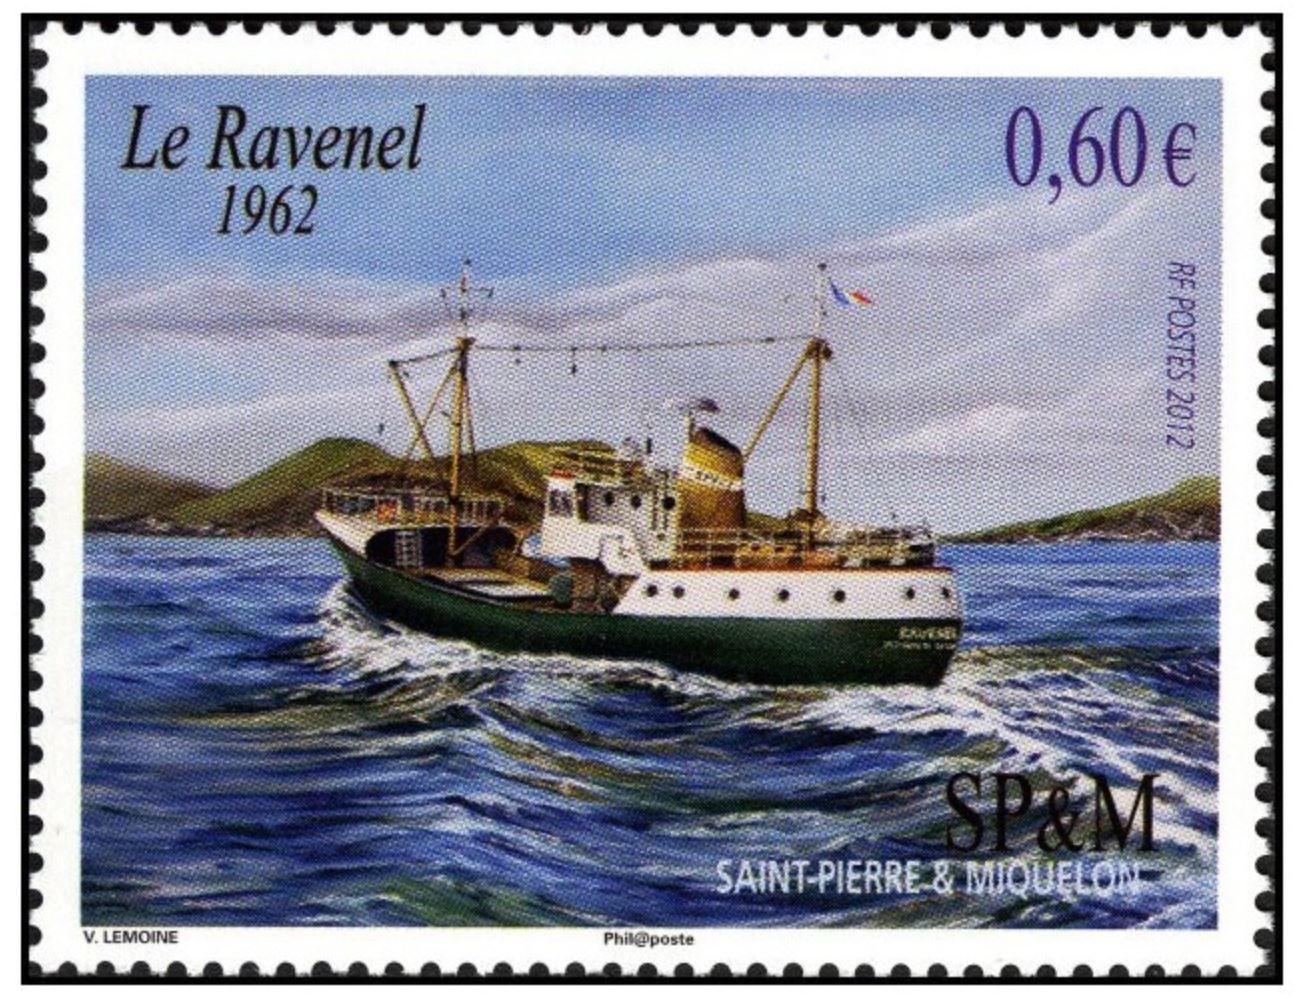 Timbre commémoratif Ravenel - image : La Poste